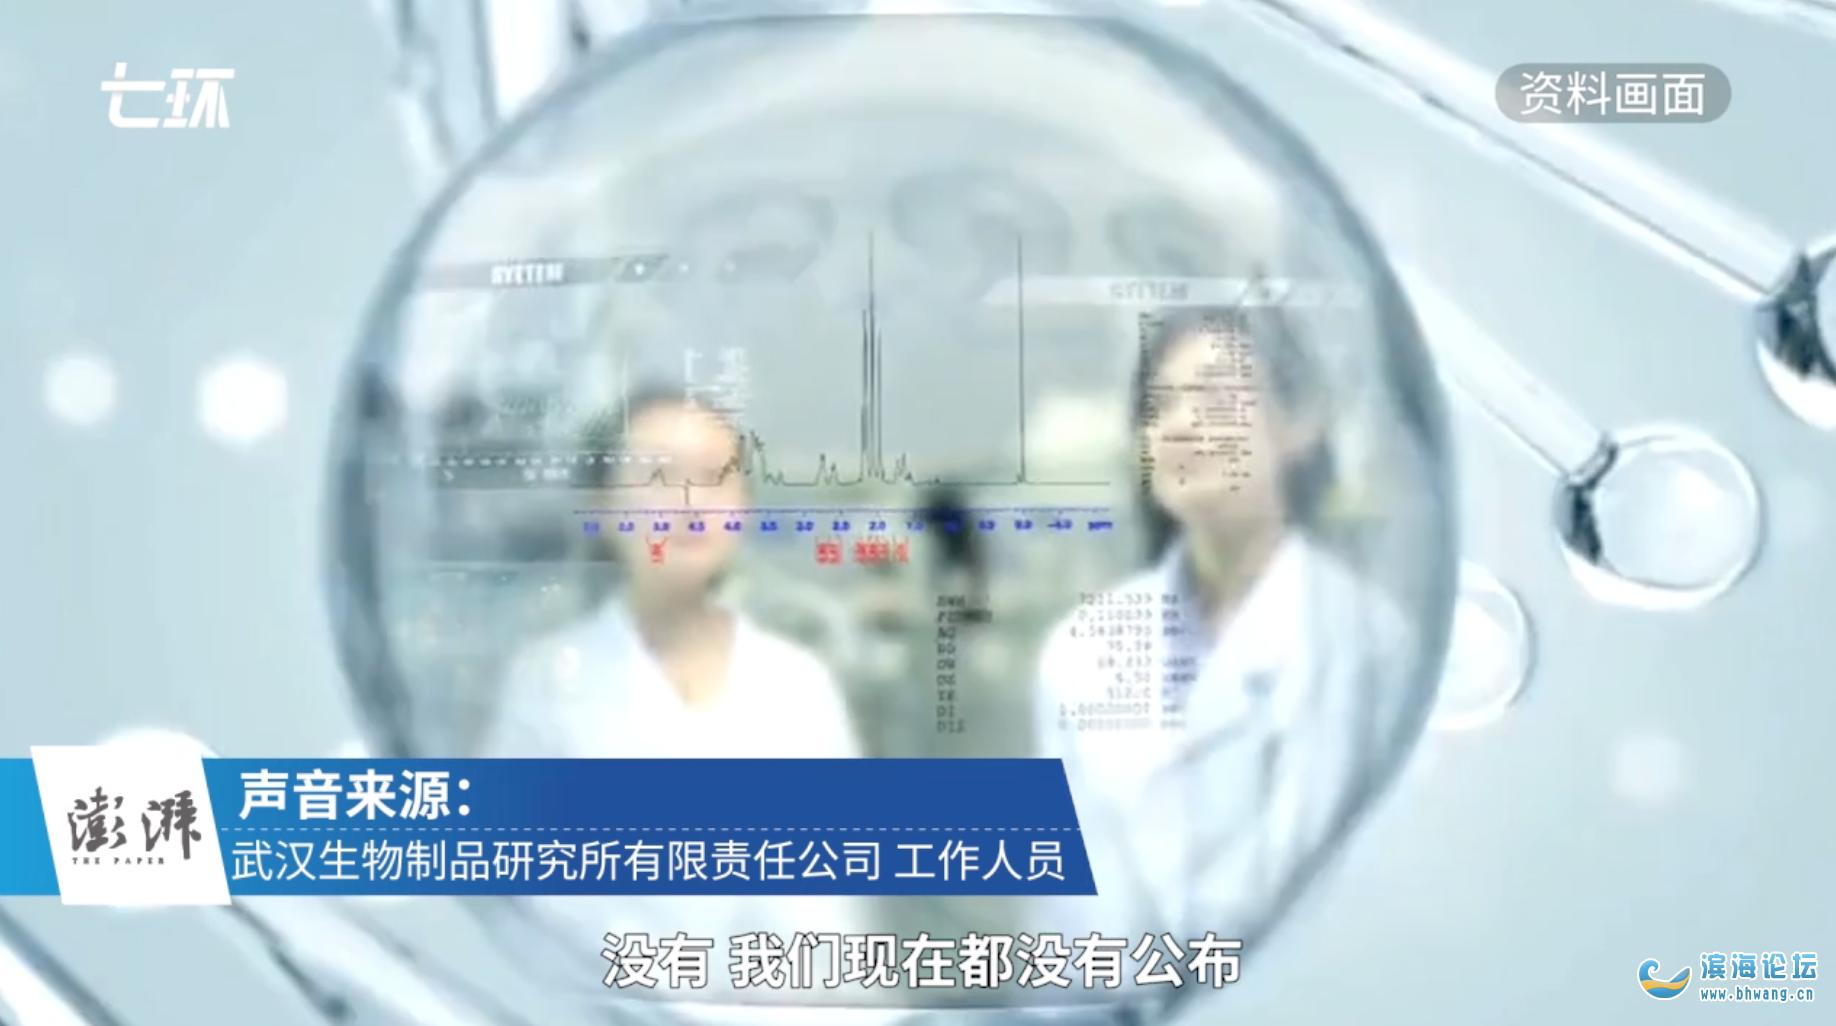 498元一支?微商对新冠疫苗下手了,张文宏有话说...